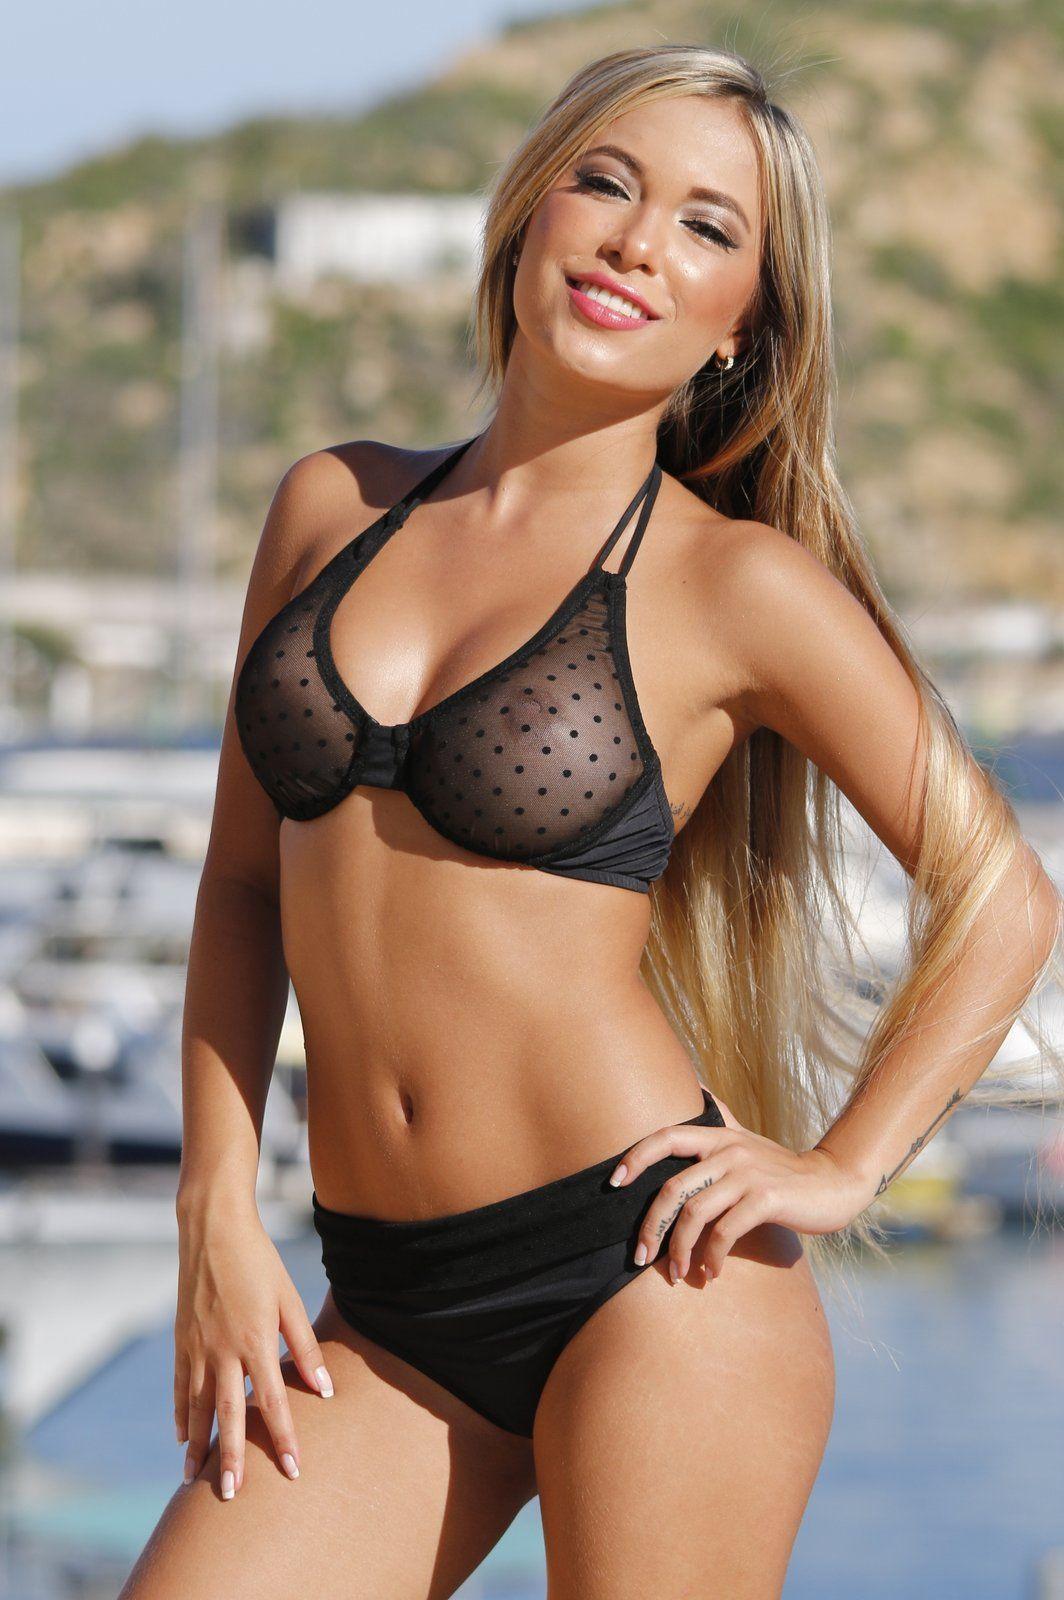 9db56613e27 #UjenaSwimwear #SheerBikini #Underwire #Thong Totally sexy yet  #SupportiveBikini